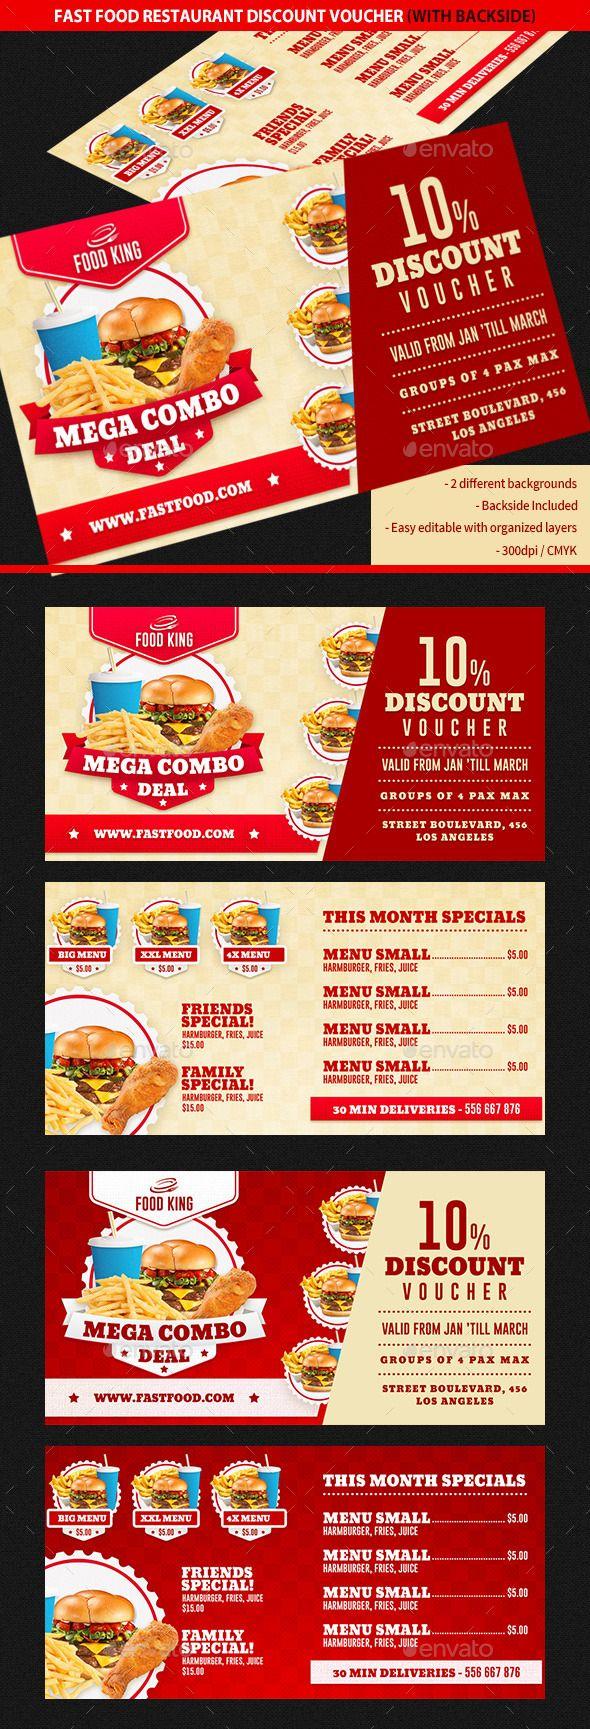 Restaurant Fast Food Discount Voucher